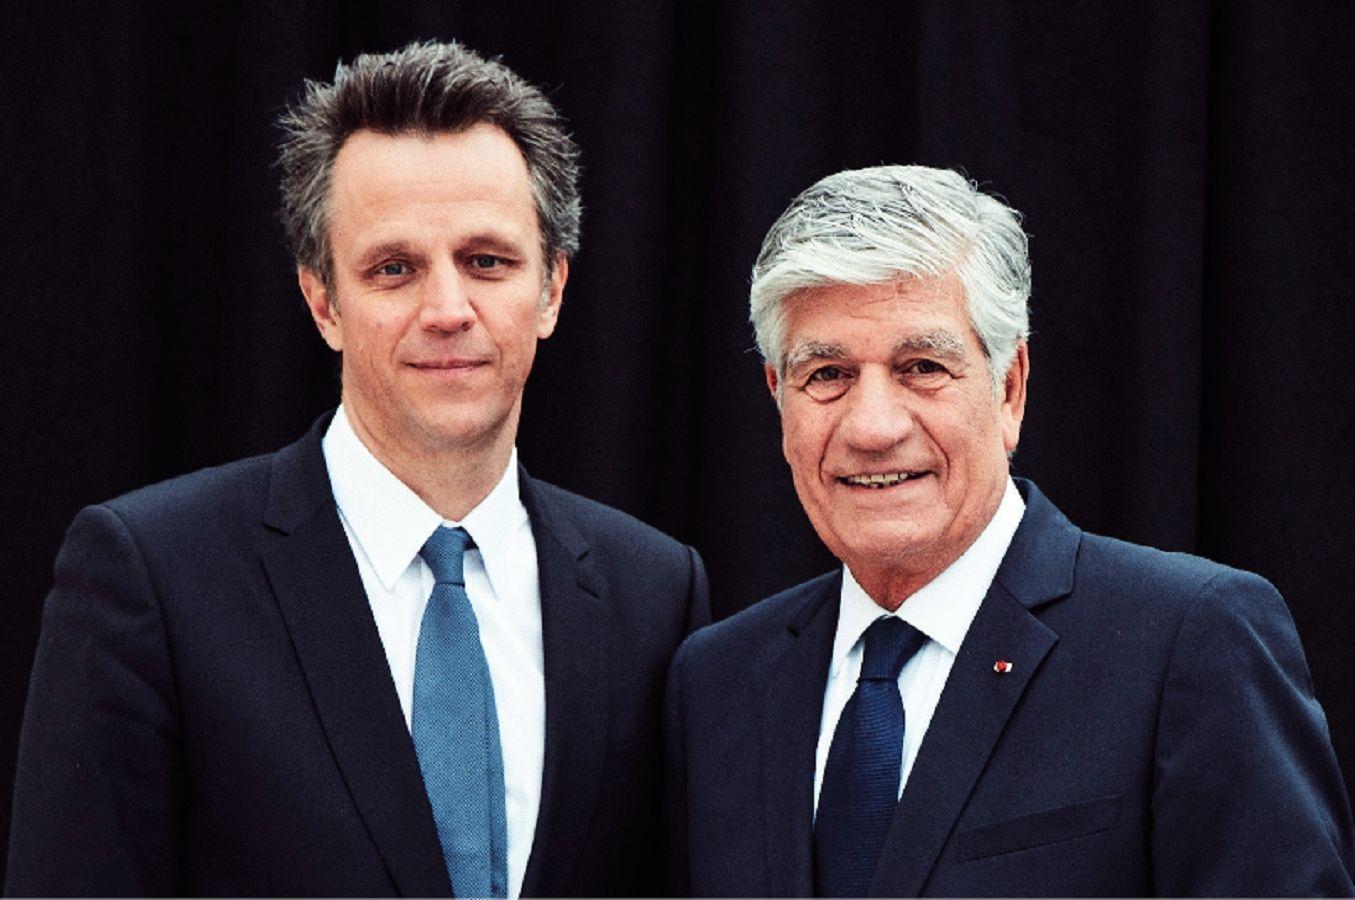 Maurice Lévy passe la main à Arthur Sadoun — Publicis